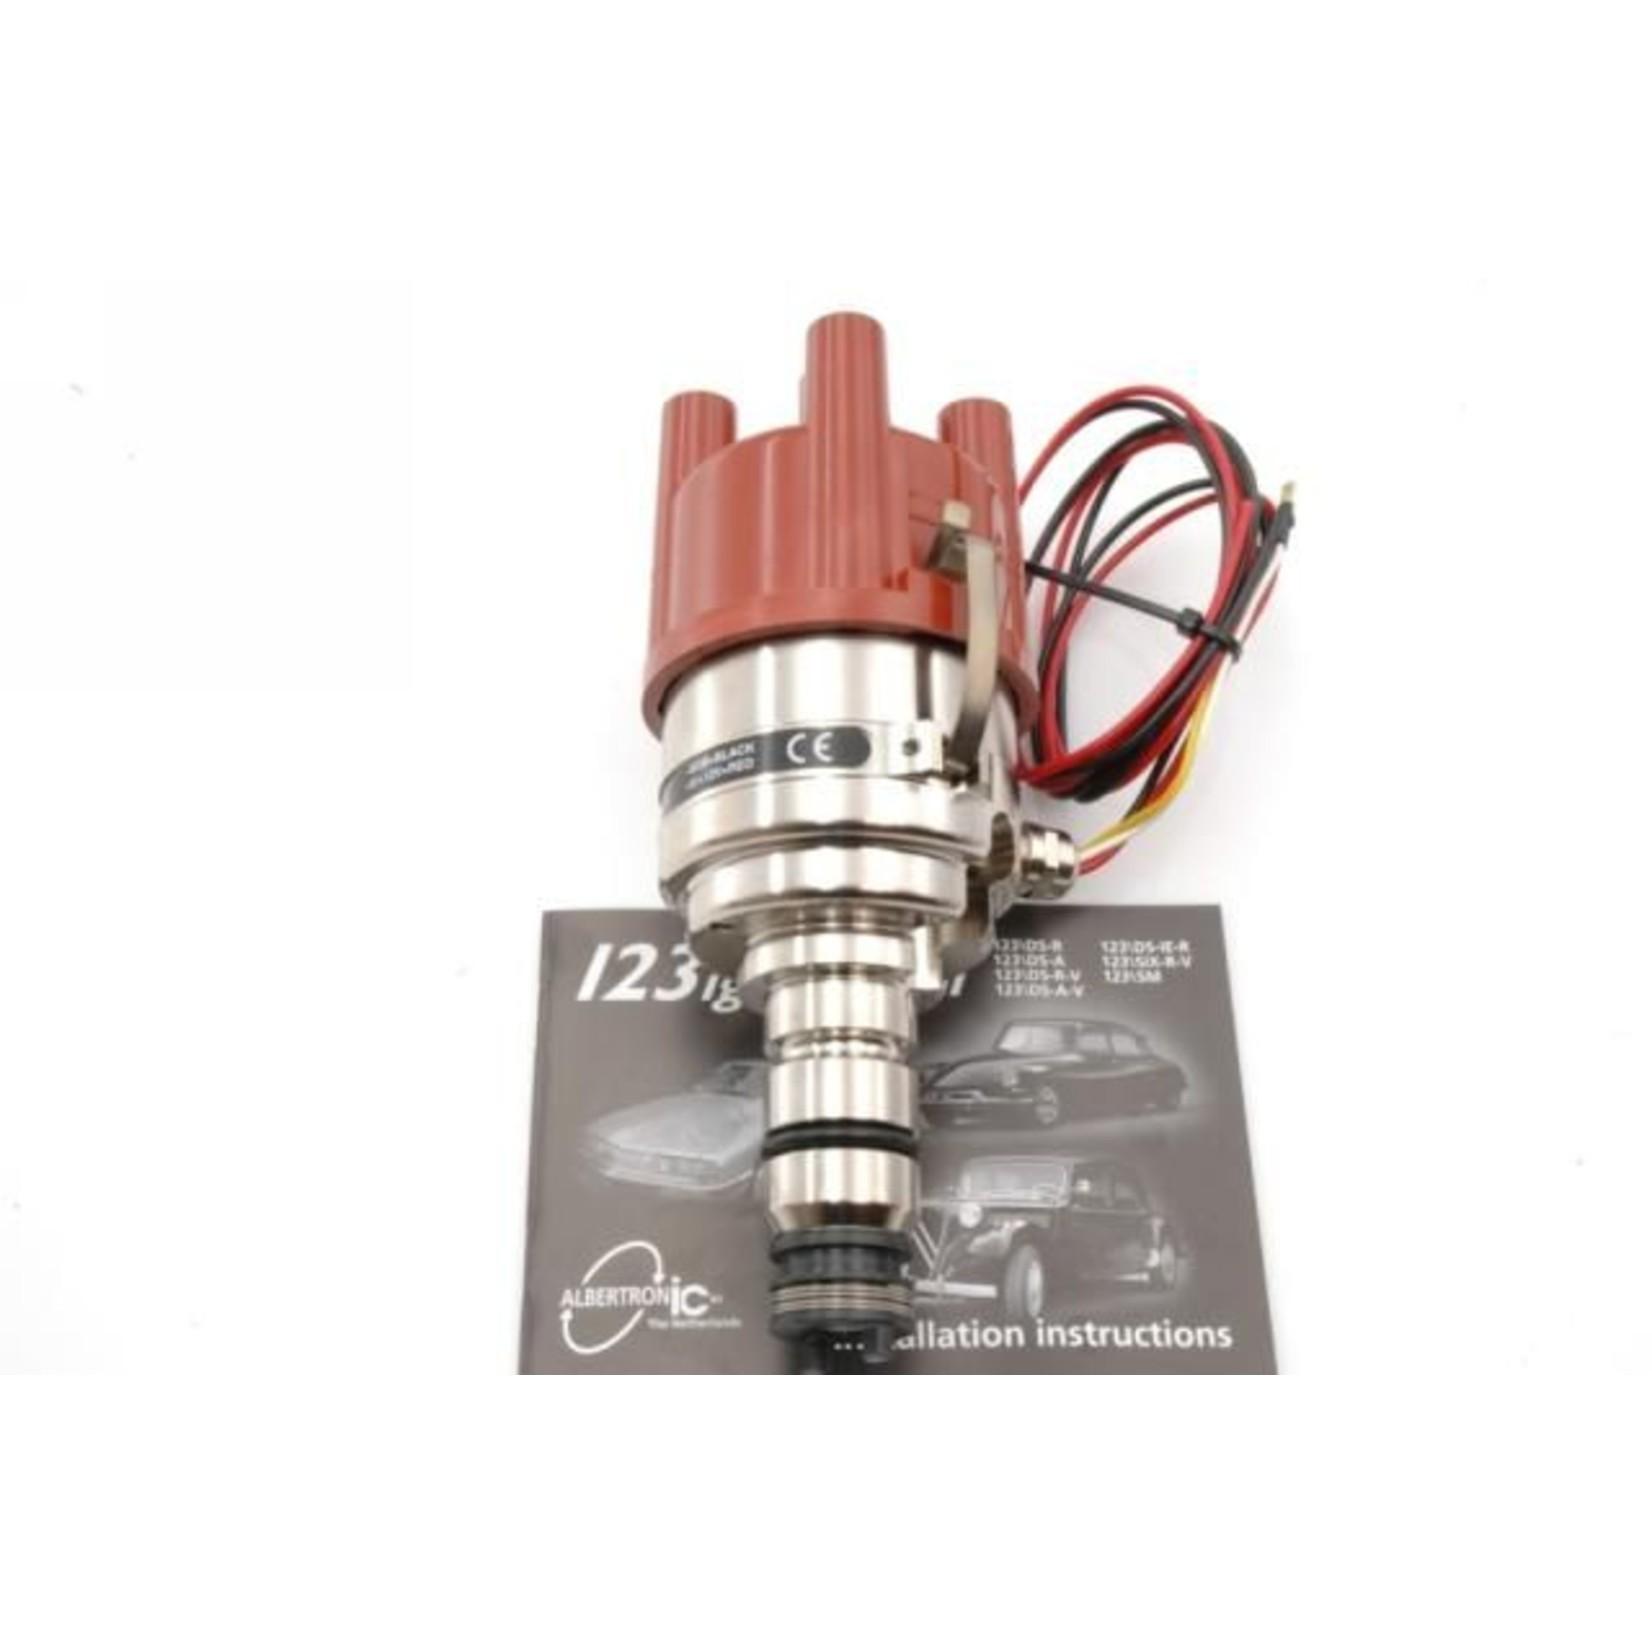 123 ontsteking Bosch Nr Org: 123/DS-IE